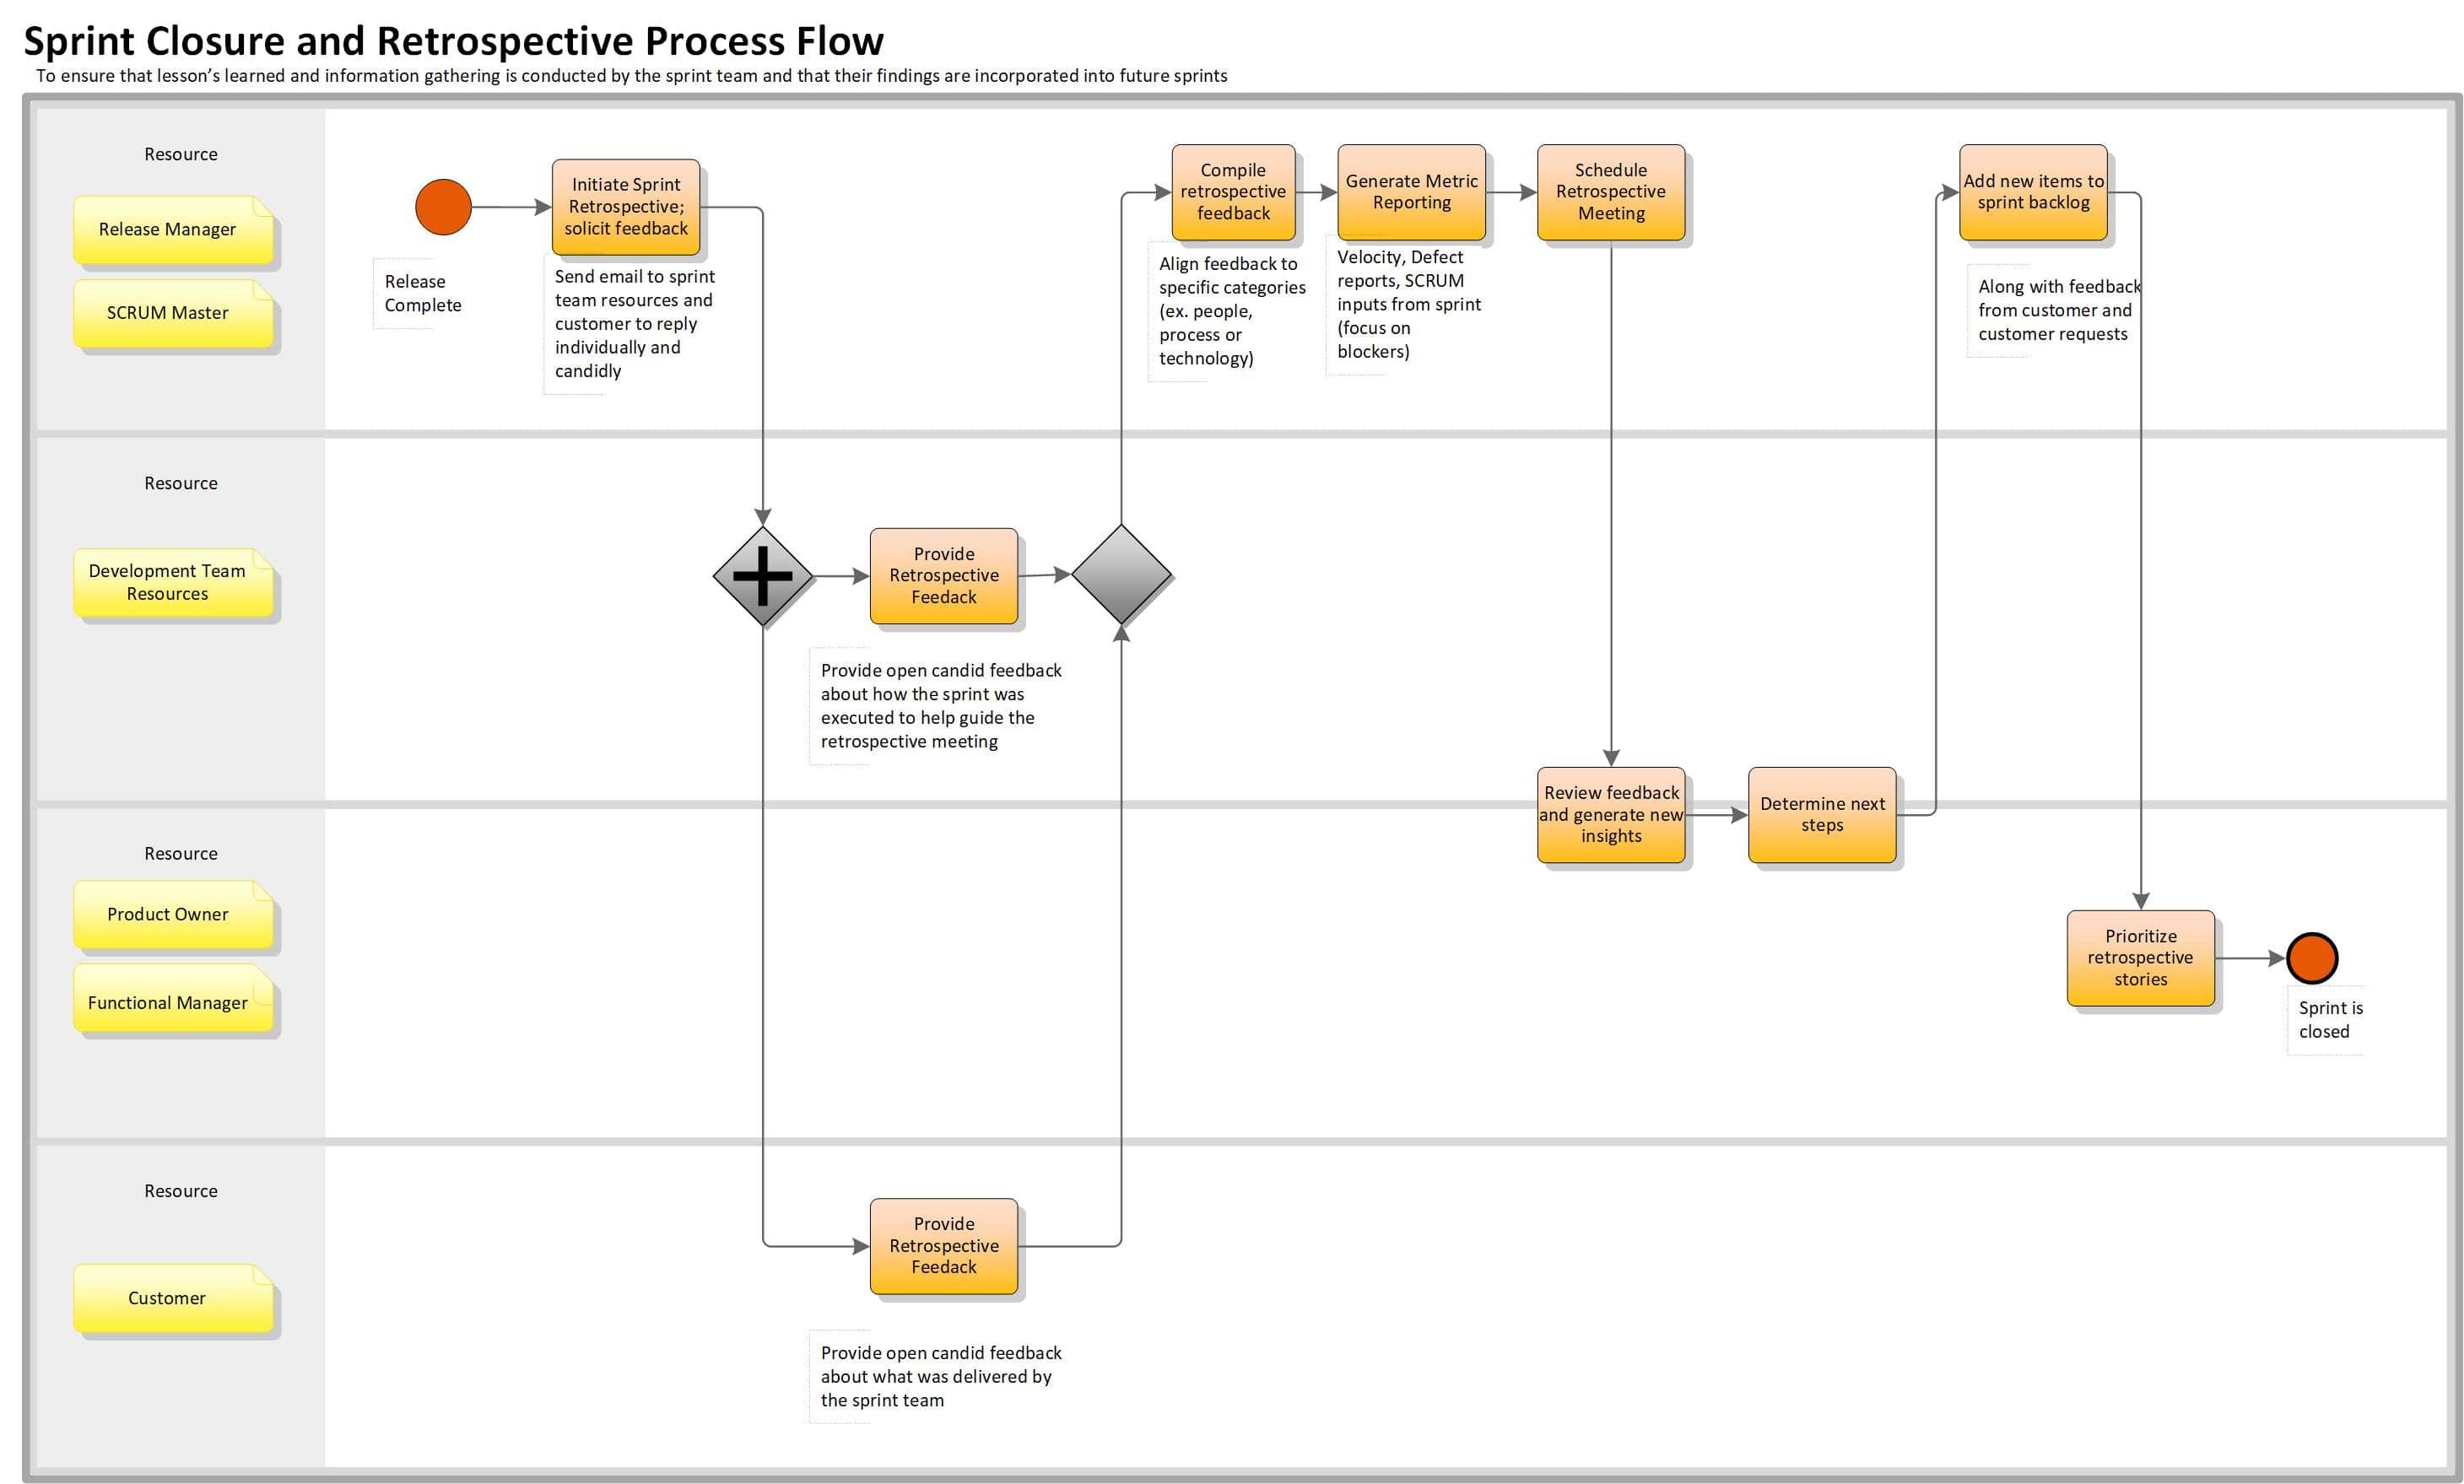 Retrospective Process